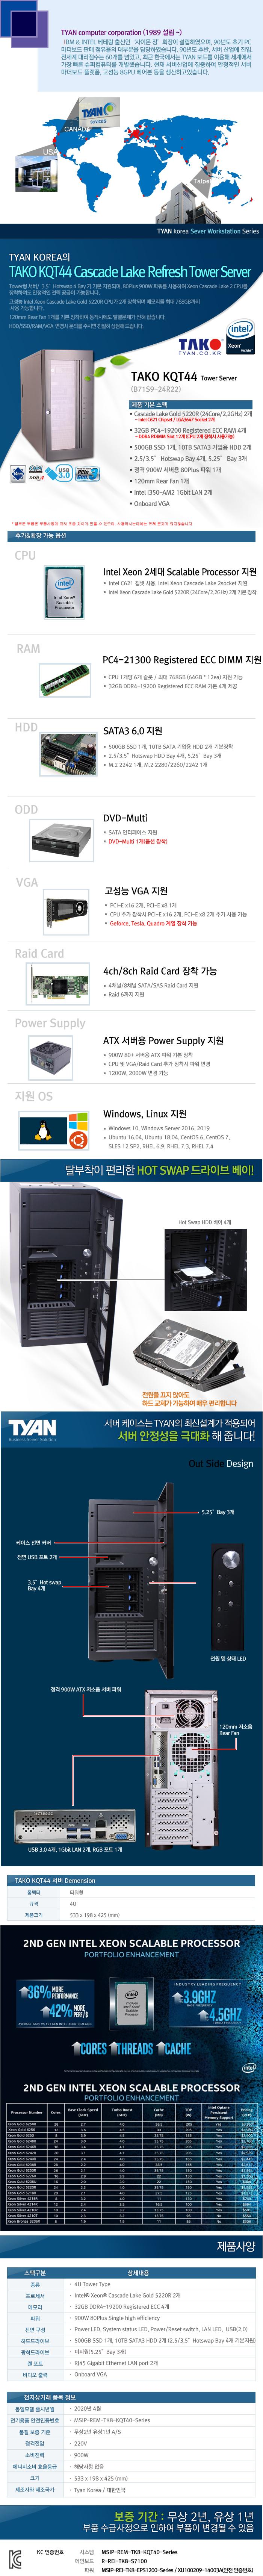 TYAN TAKO-KQT44-(B71S9-24R22) (128GB, SSD 500GB + 20TB)